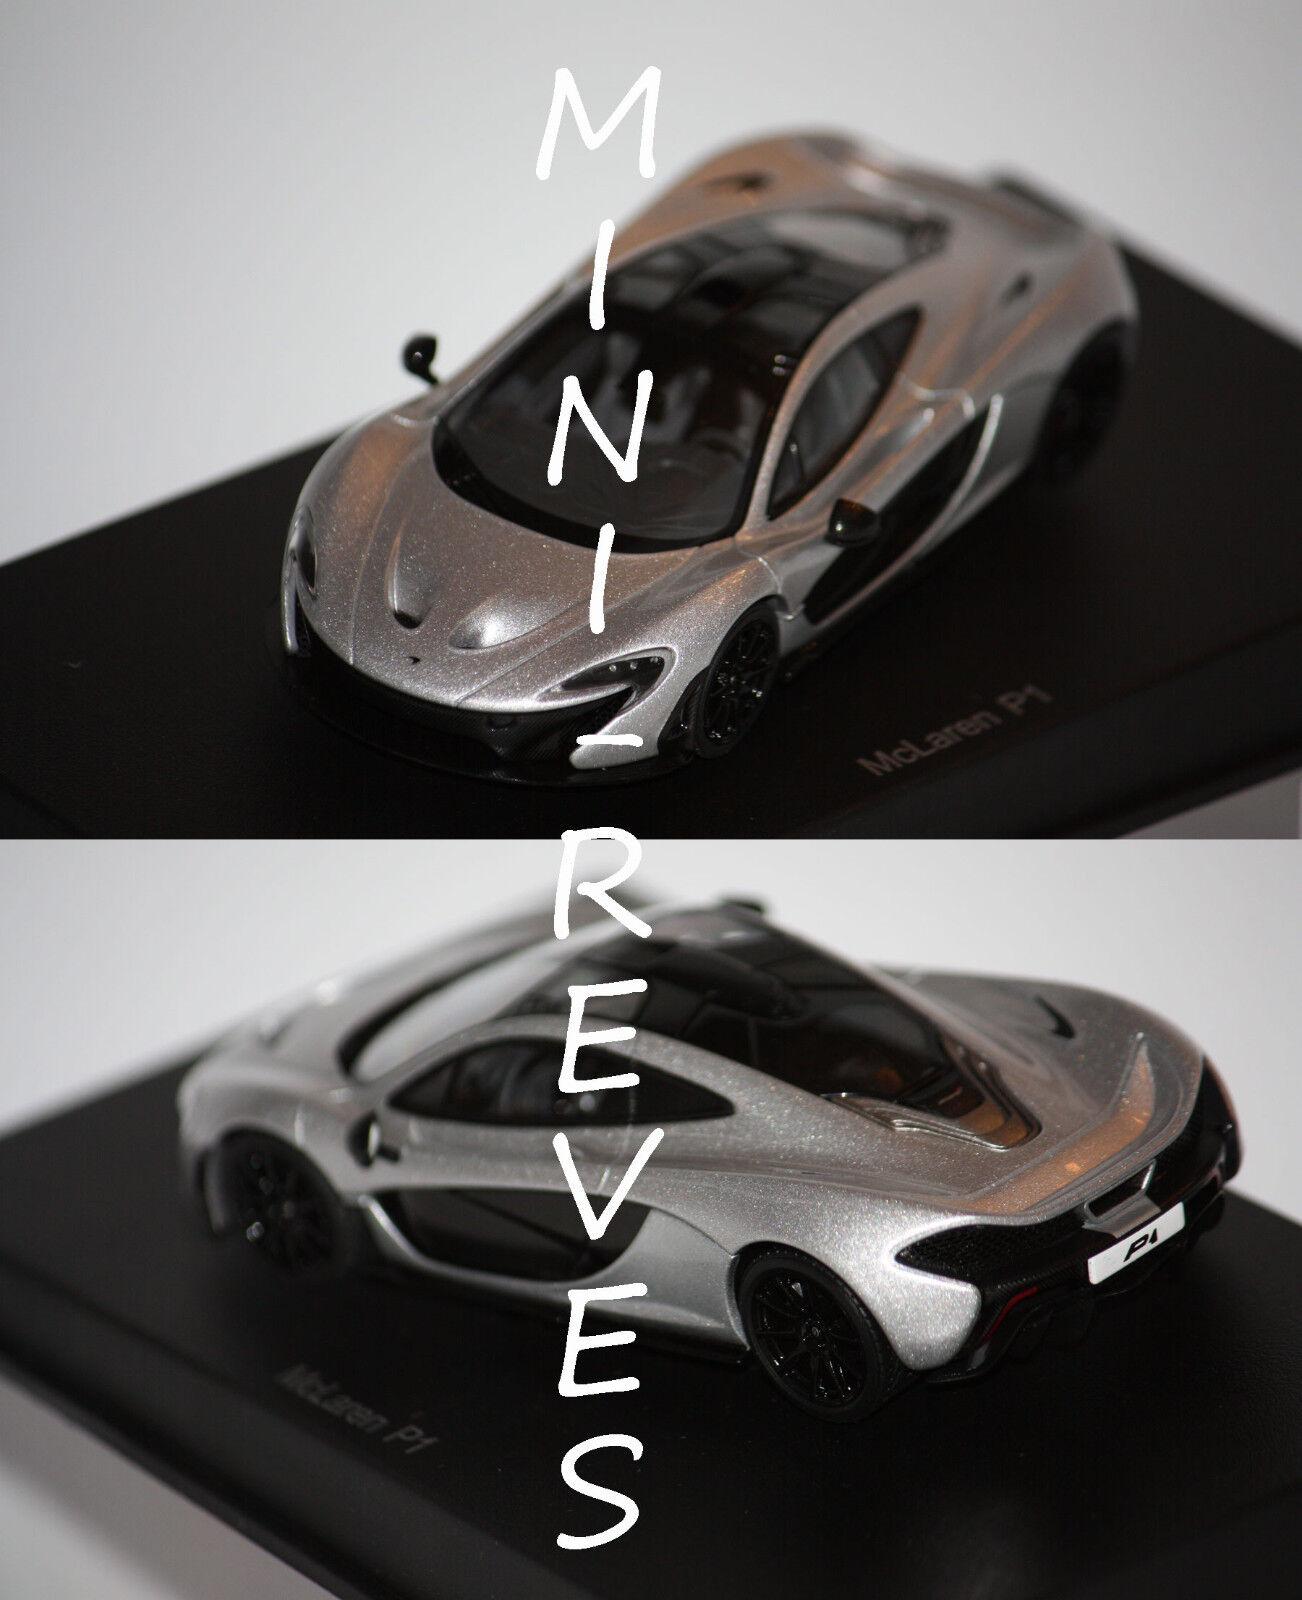 vanno a ruba Autoart Autoart Autoart Mclaren P1 2013 argentooo 1 43 56013  fabbrica diretta